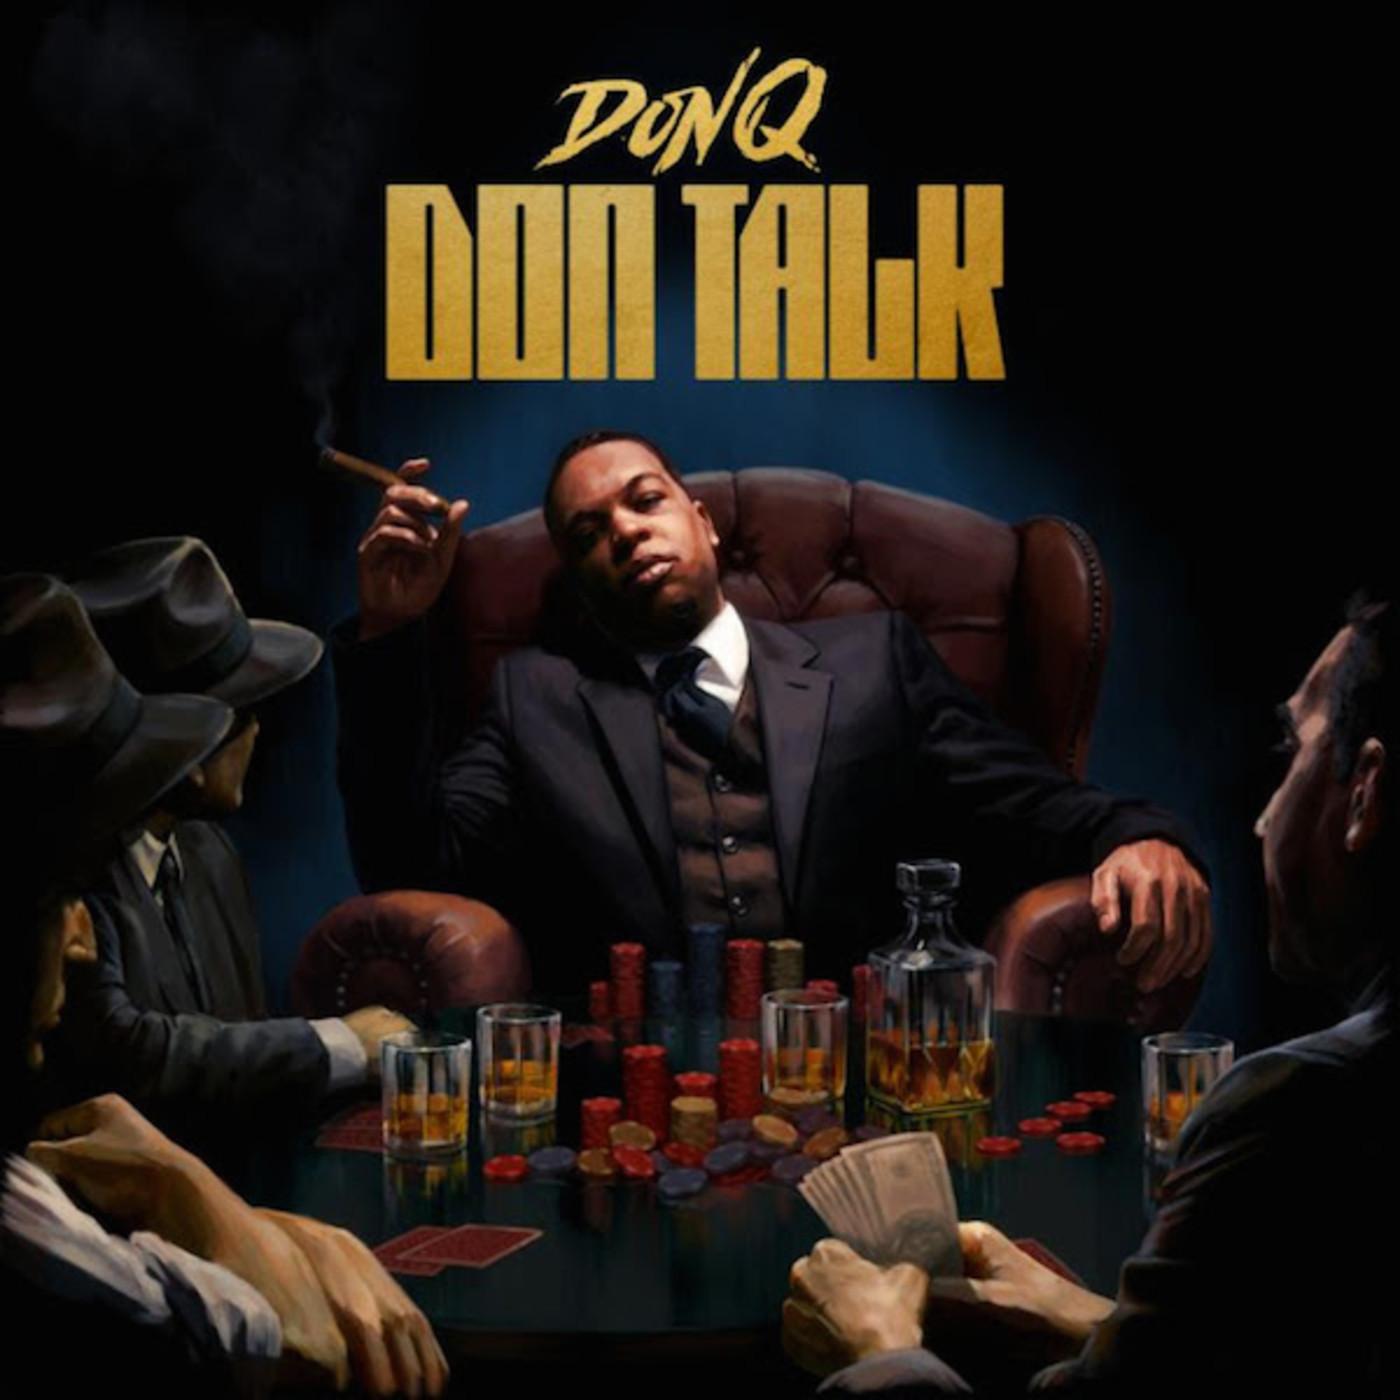 Don Q 'Don Talk'